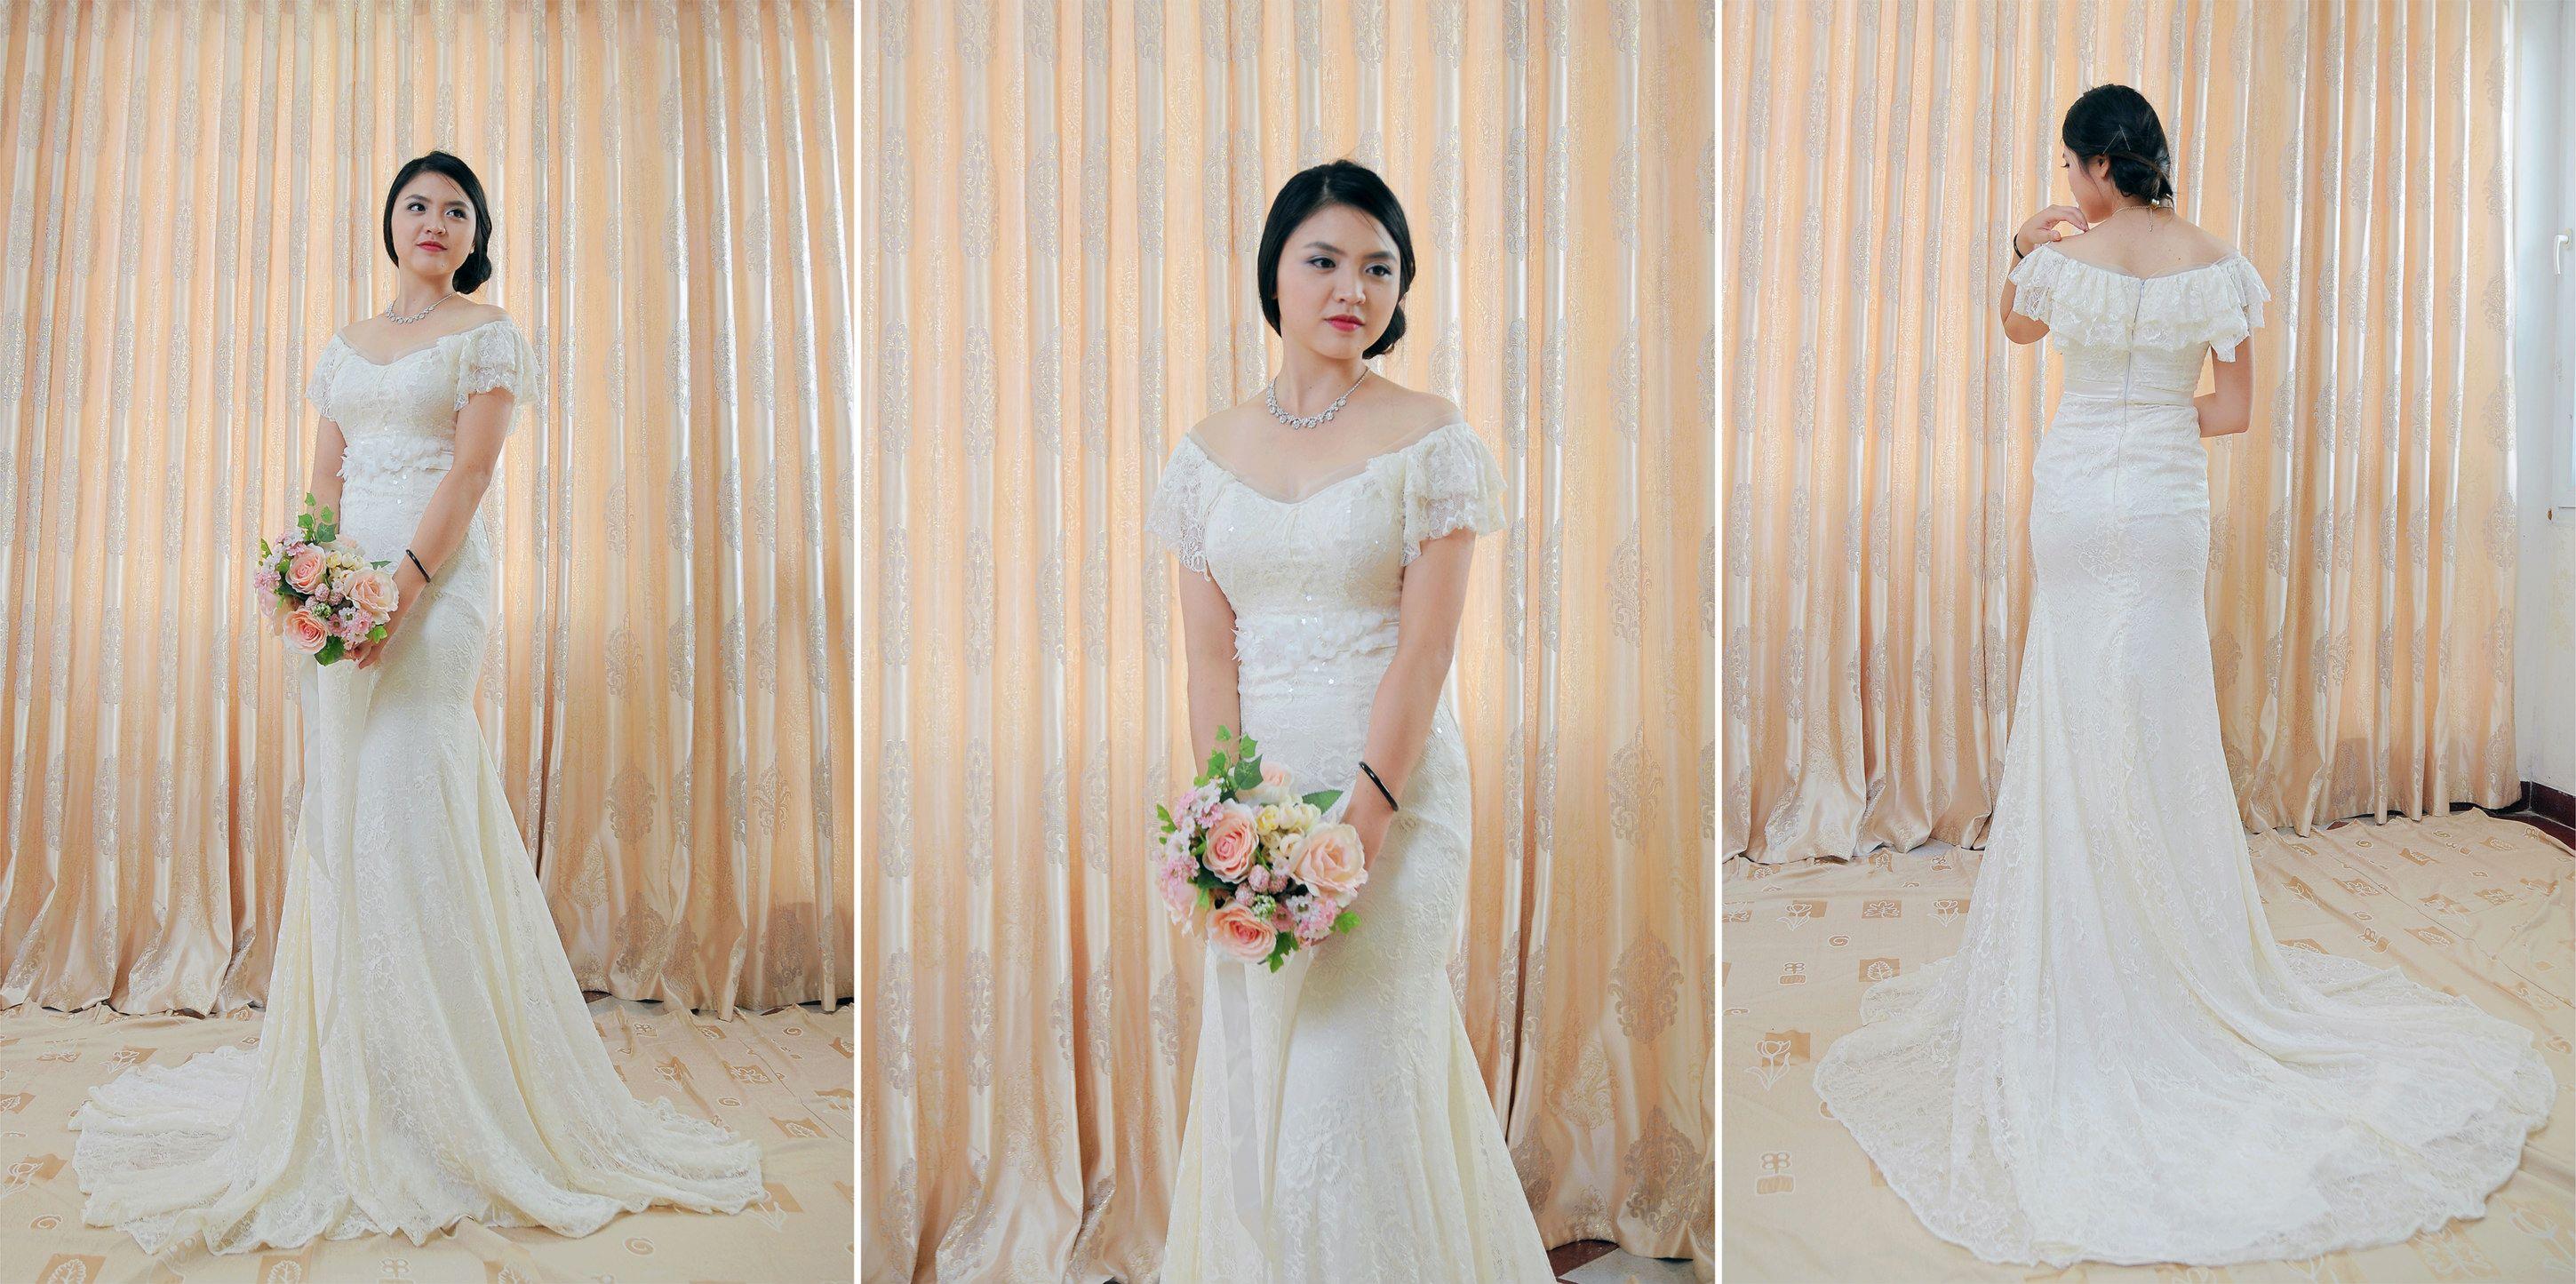 Lily Wedding Dress Cho thuê và thiết kế váy cưới phong cách